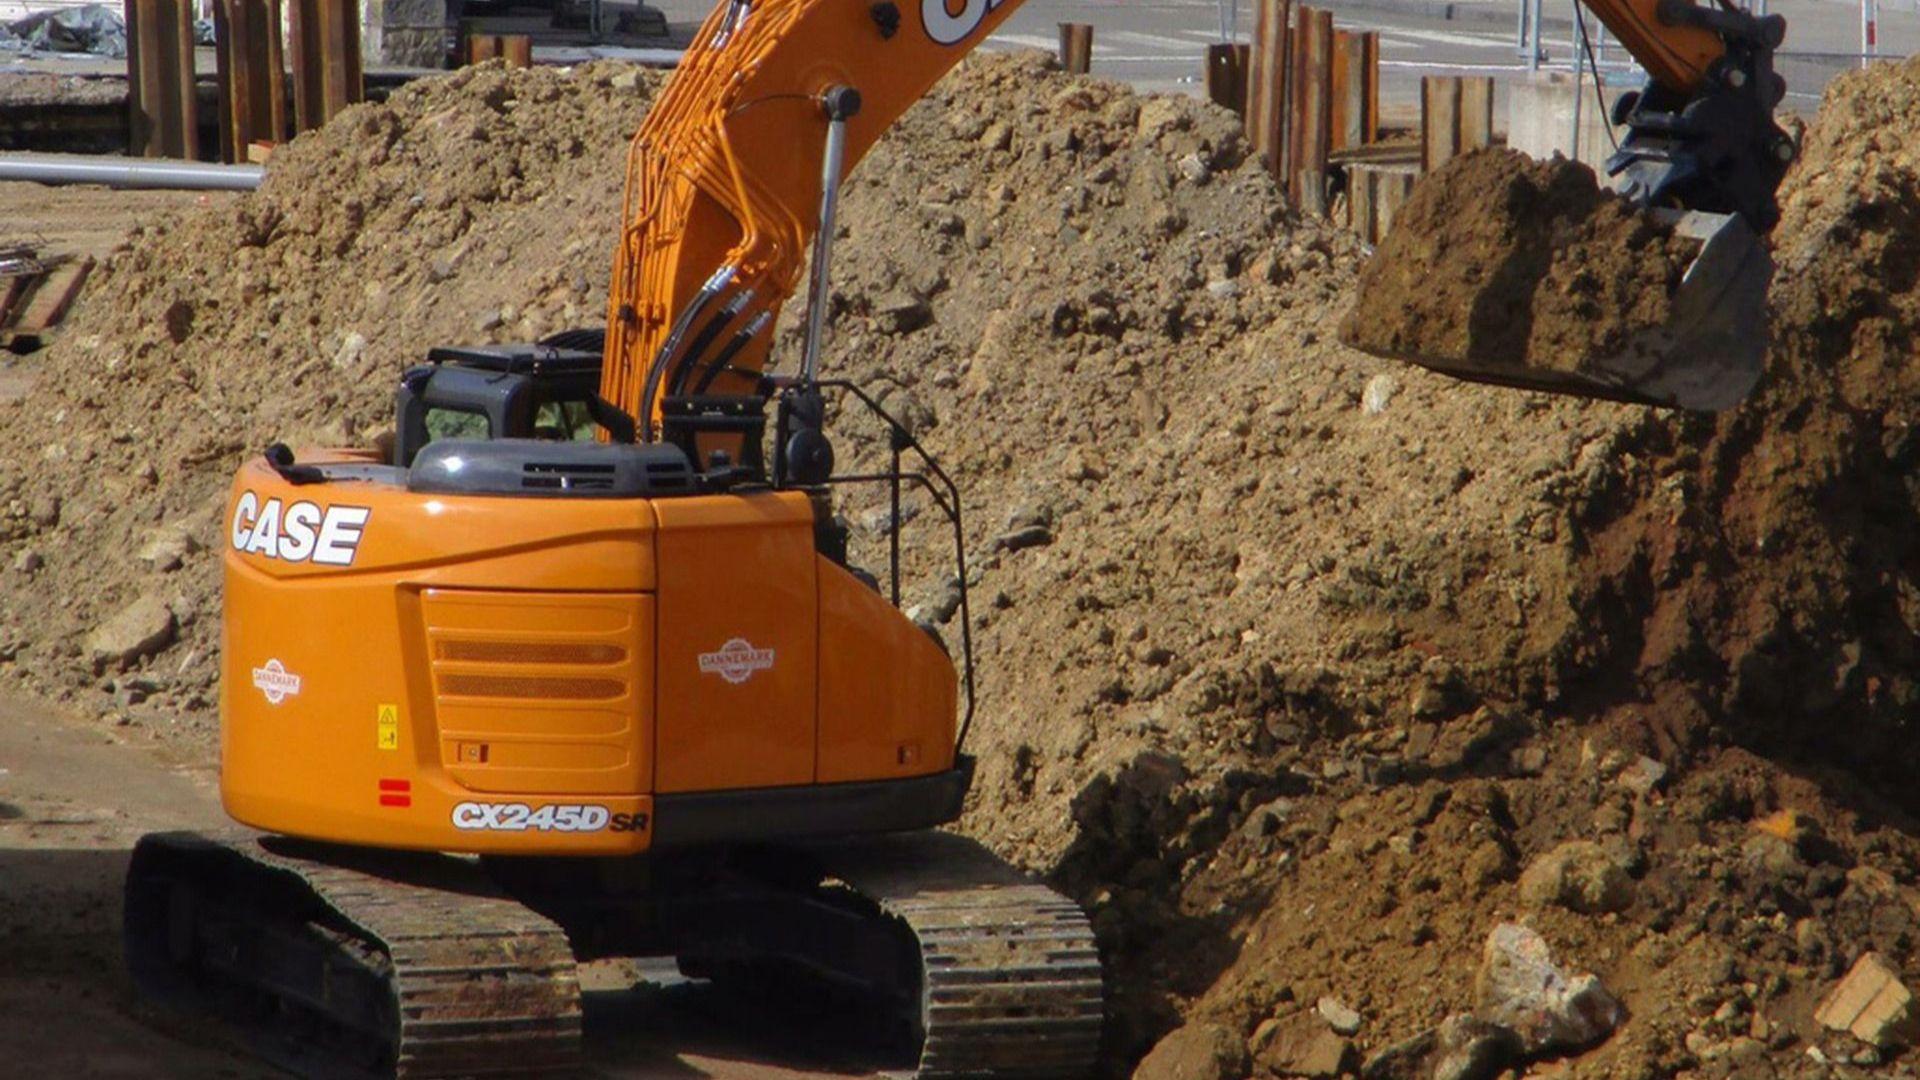 Българи работят незаконно на строеж на Google в Белгия